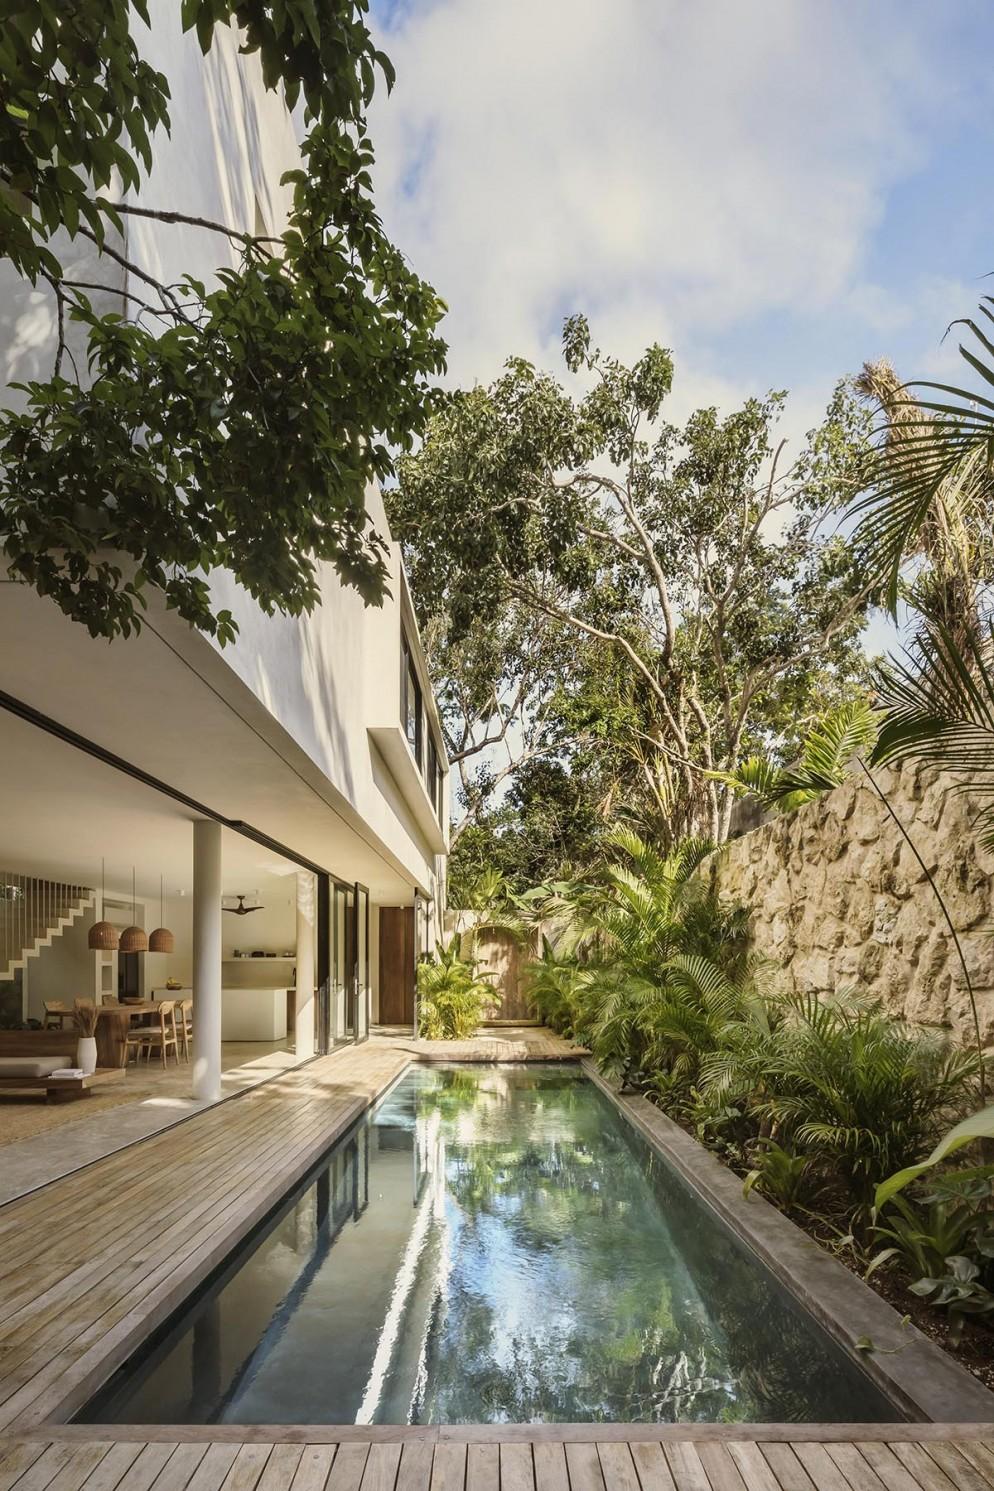 08 Casa con piscina_Messico 2